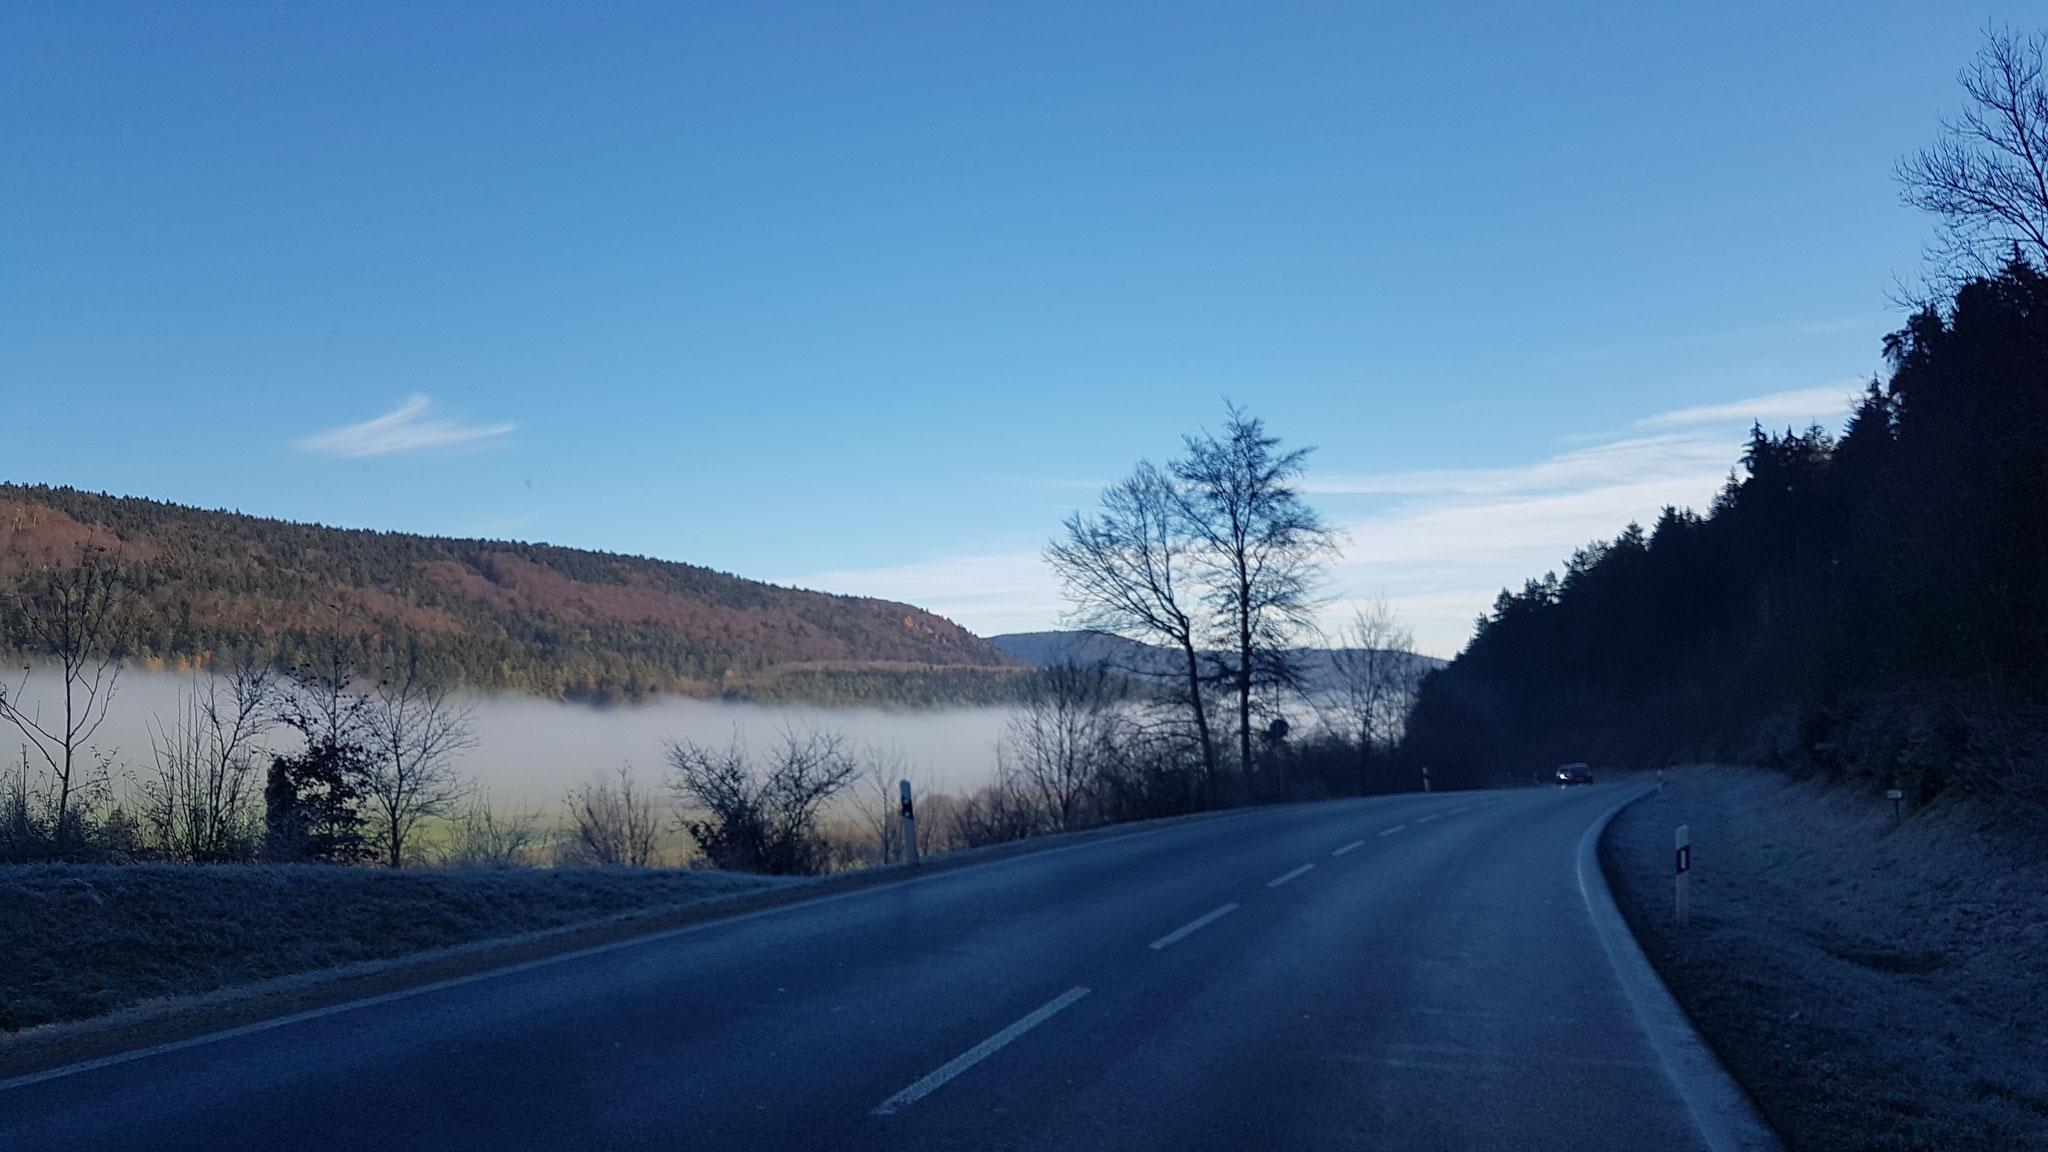 Immer wieder sehen wir Nebelmeere...